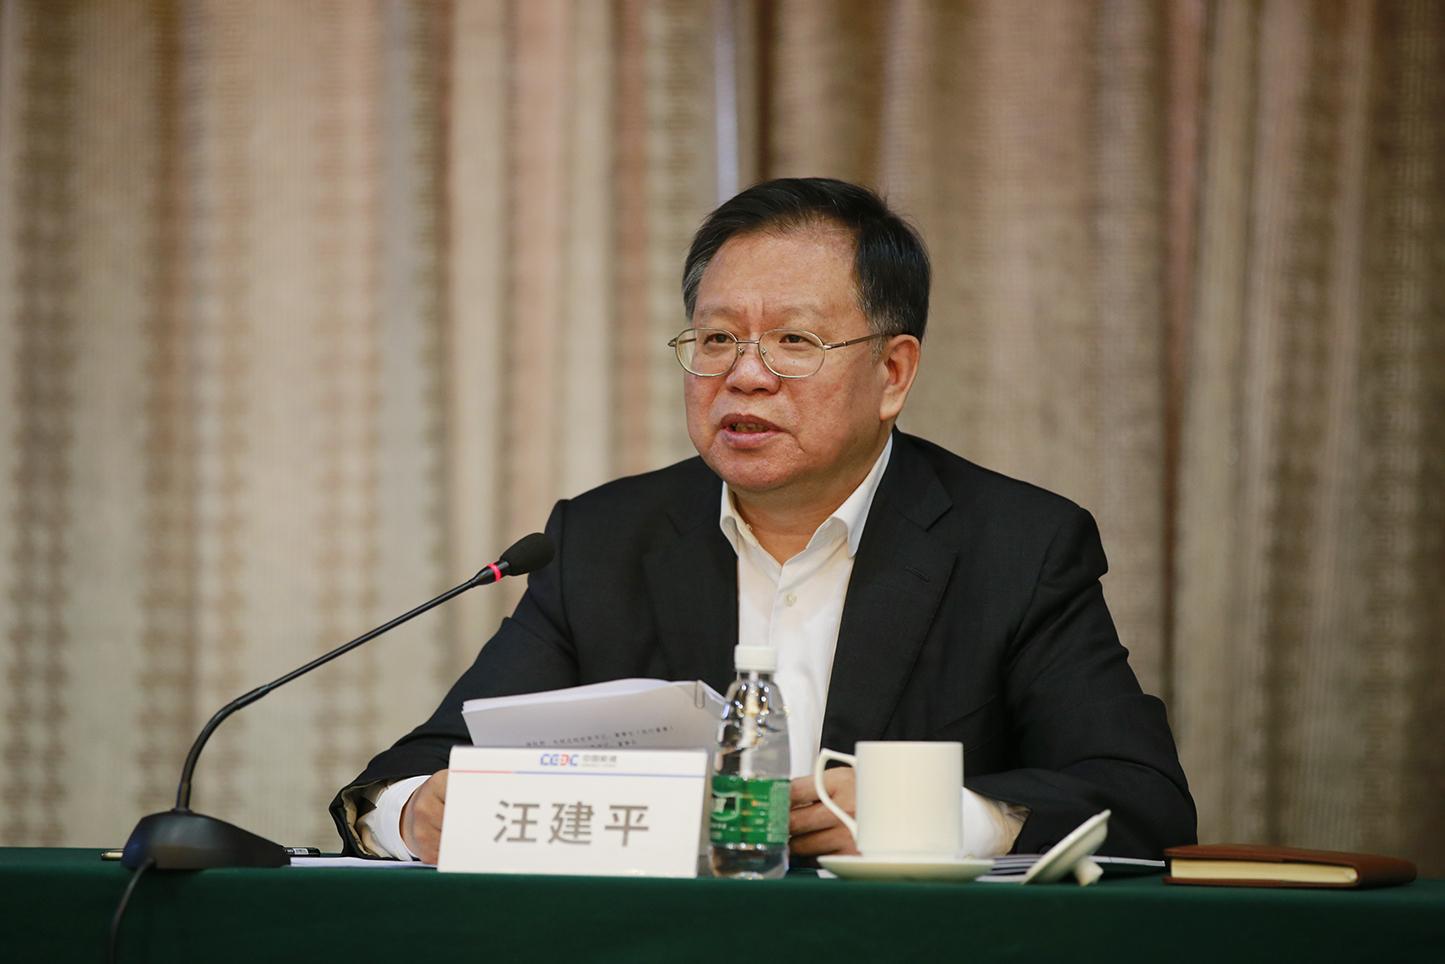 中国能建召开2018年度党委书记现场述职会议